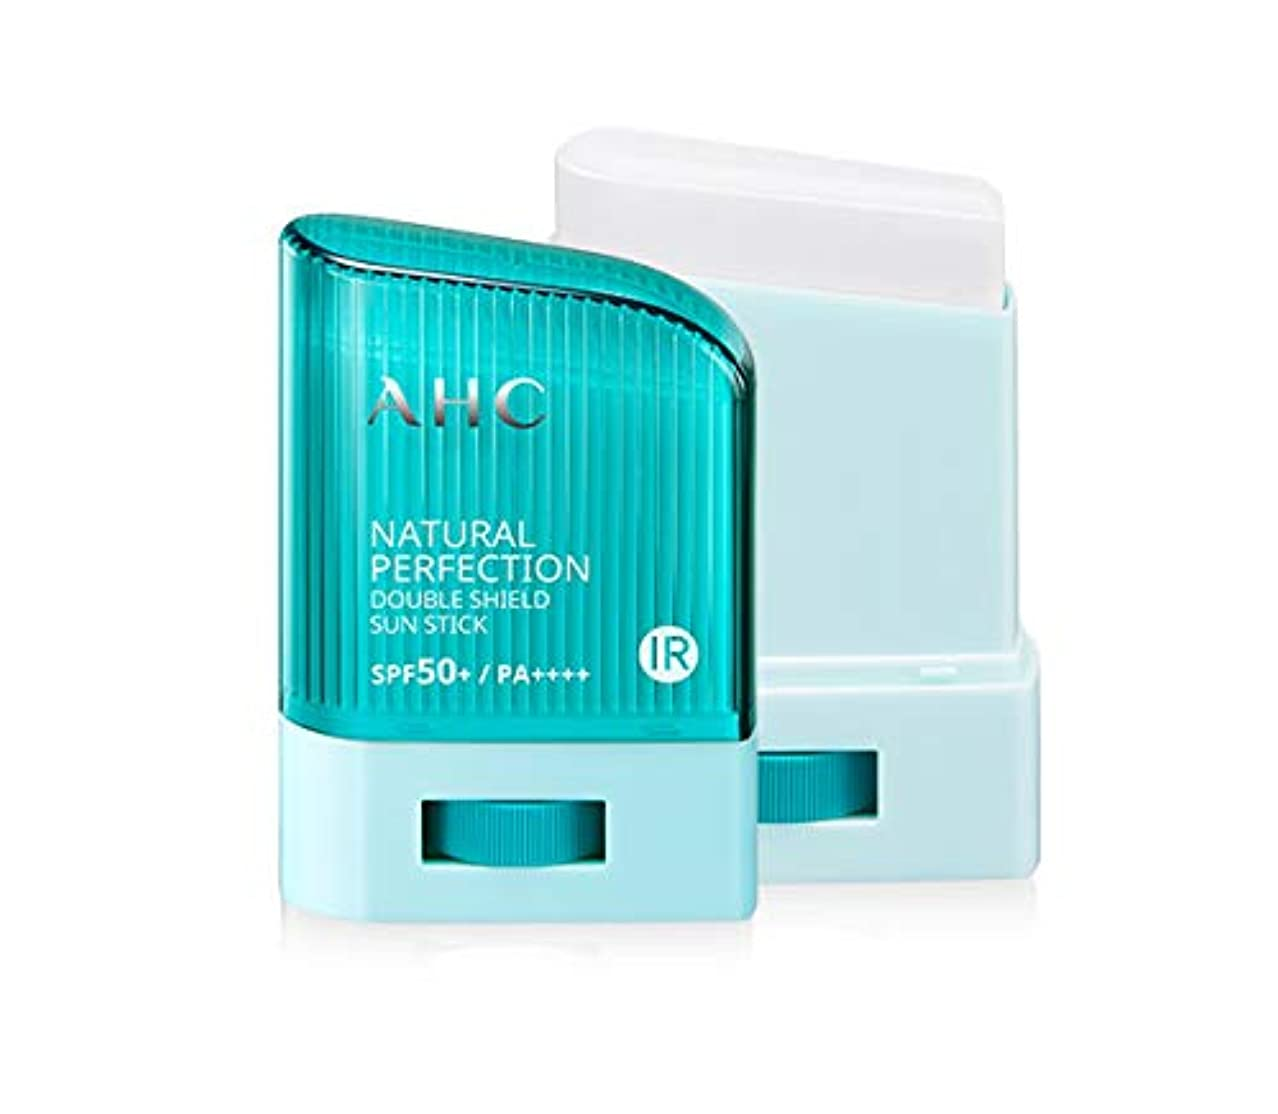 適応する銅タオルAHC ナチュラルパーフェクションダブルシールドサンスティック ブルー Natural Perfection Double Shield Sun Stick BLUE [並行輸入品] (14g)